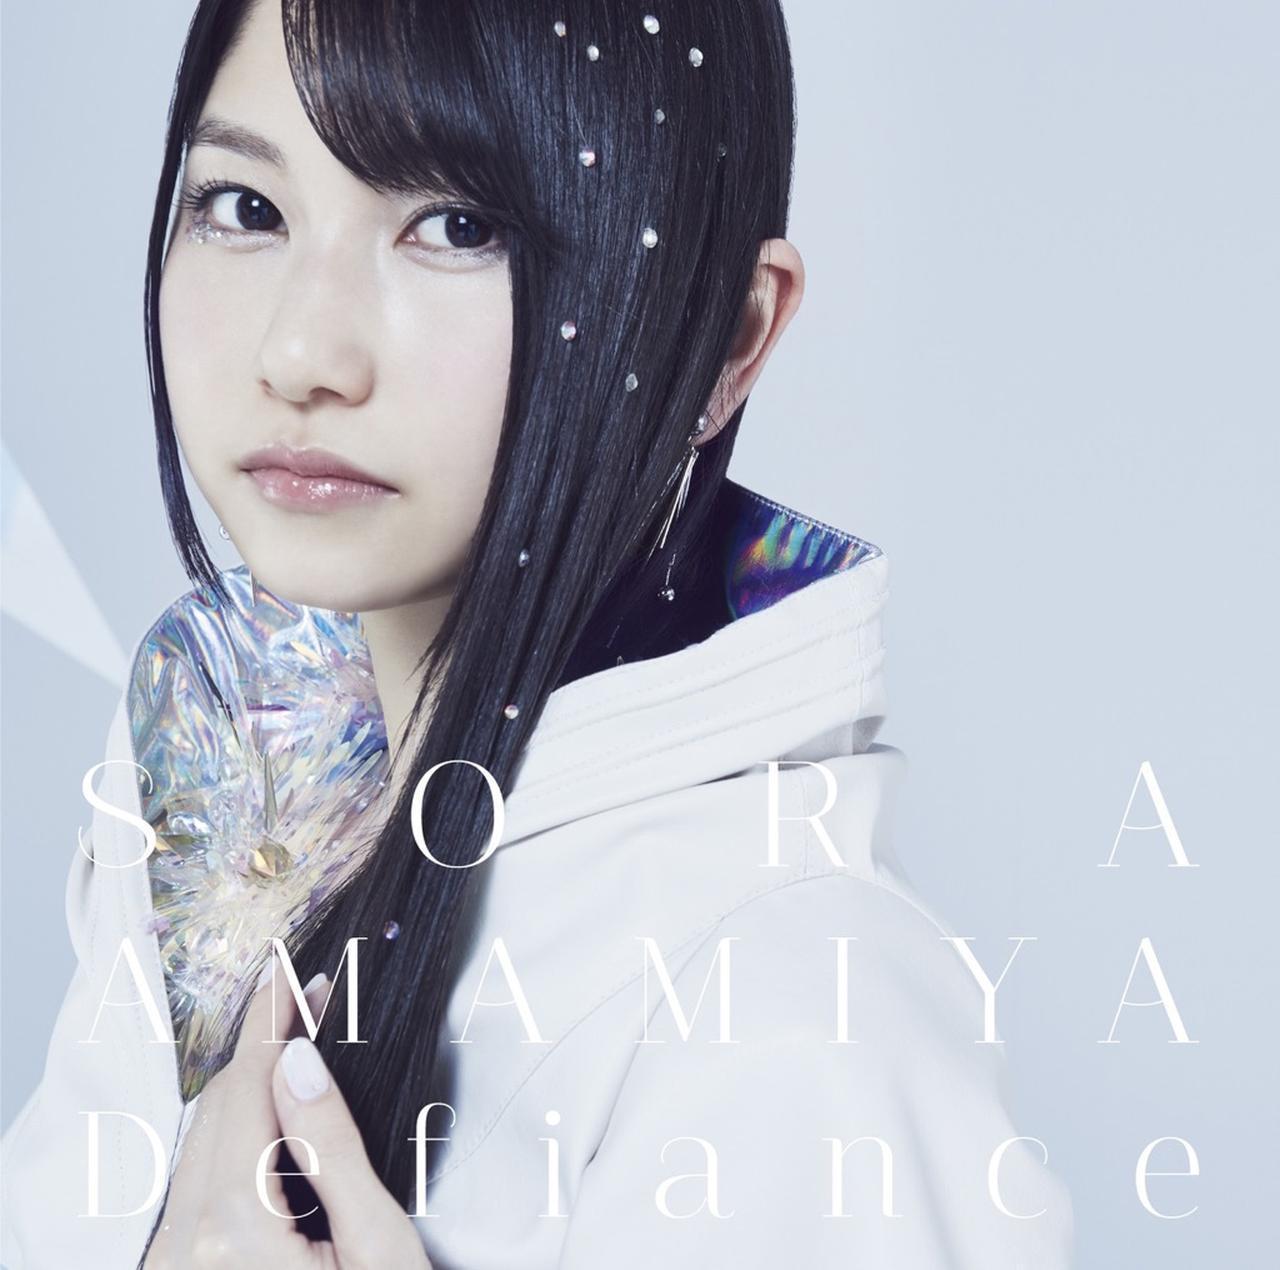 画像: Defiance / 雨宮天